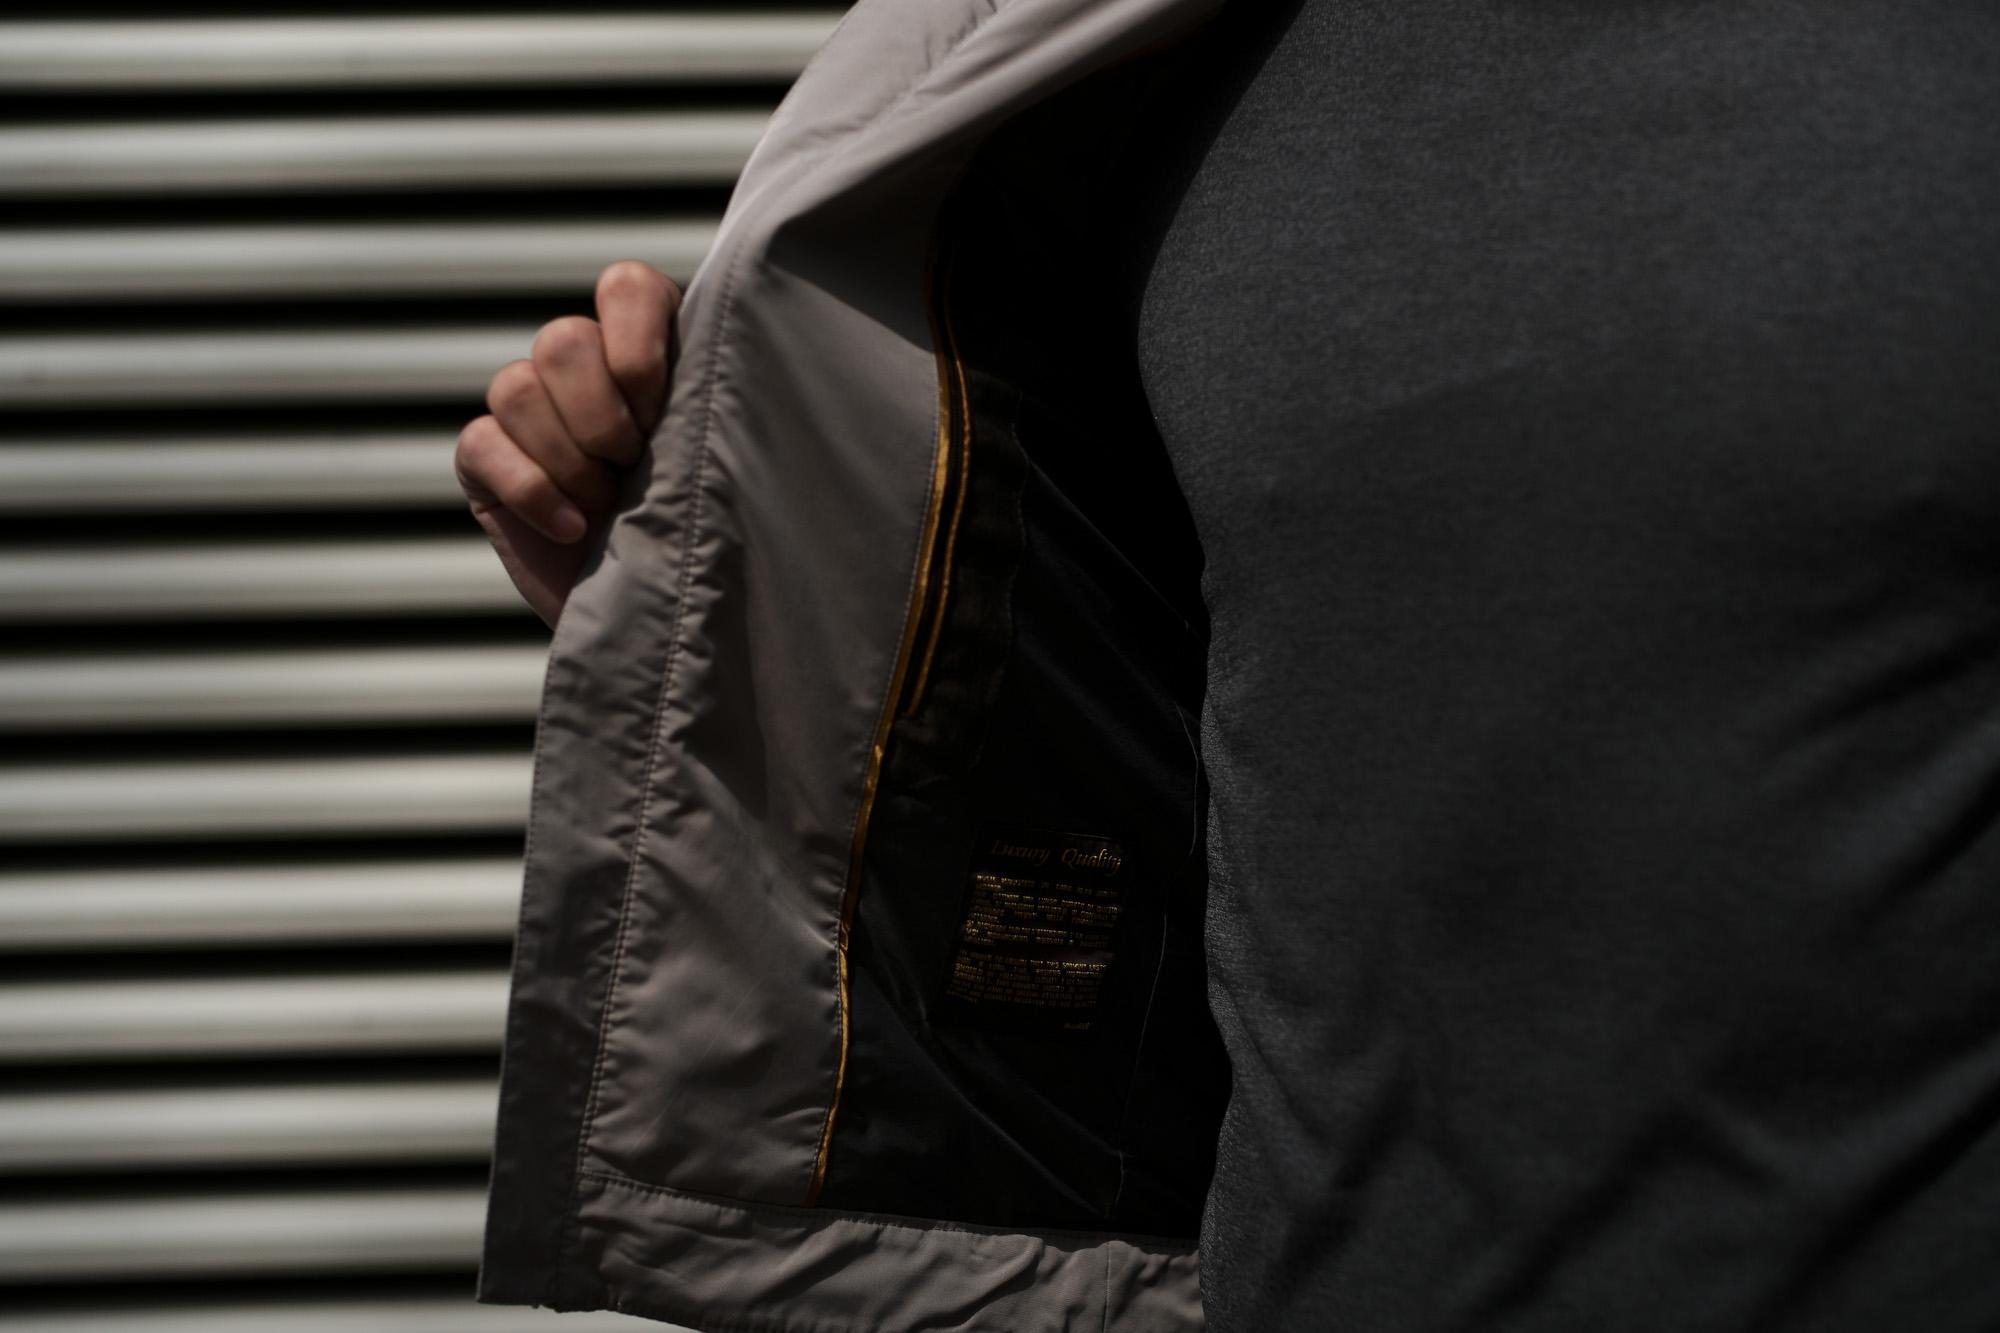 MOORER(ムーレー) VANGI-KM1(バンジー KM1) ナイロン シングル ライダースジャケット MARMO(グレー・32) Made in italy (イタリア製)  2020春夏新作 愛知 名古屋 altoediritto アルトエデリット